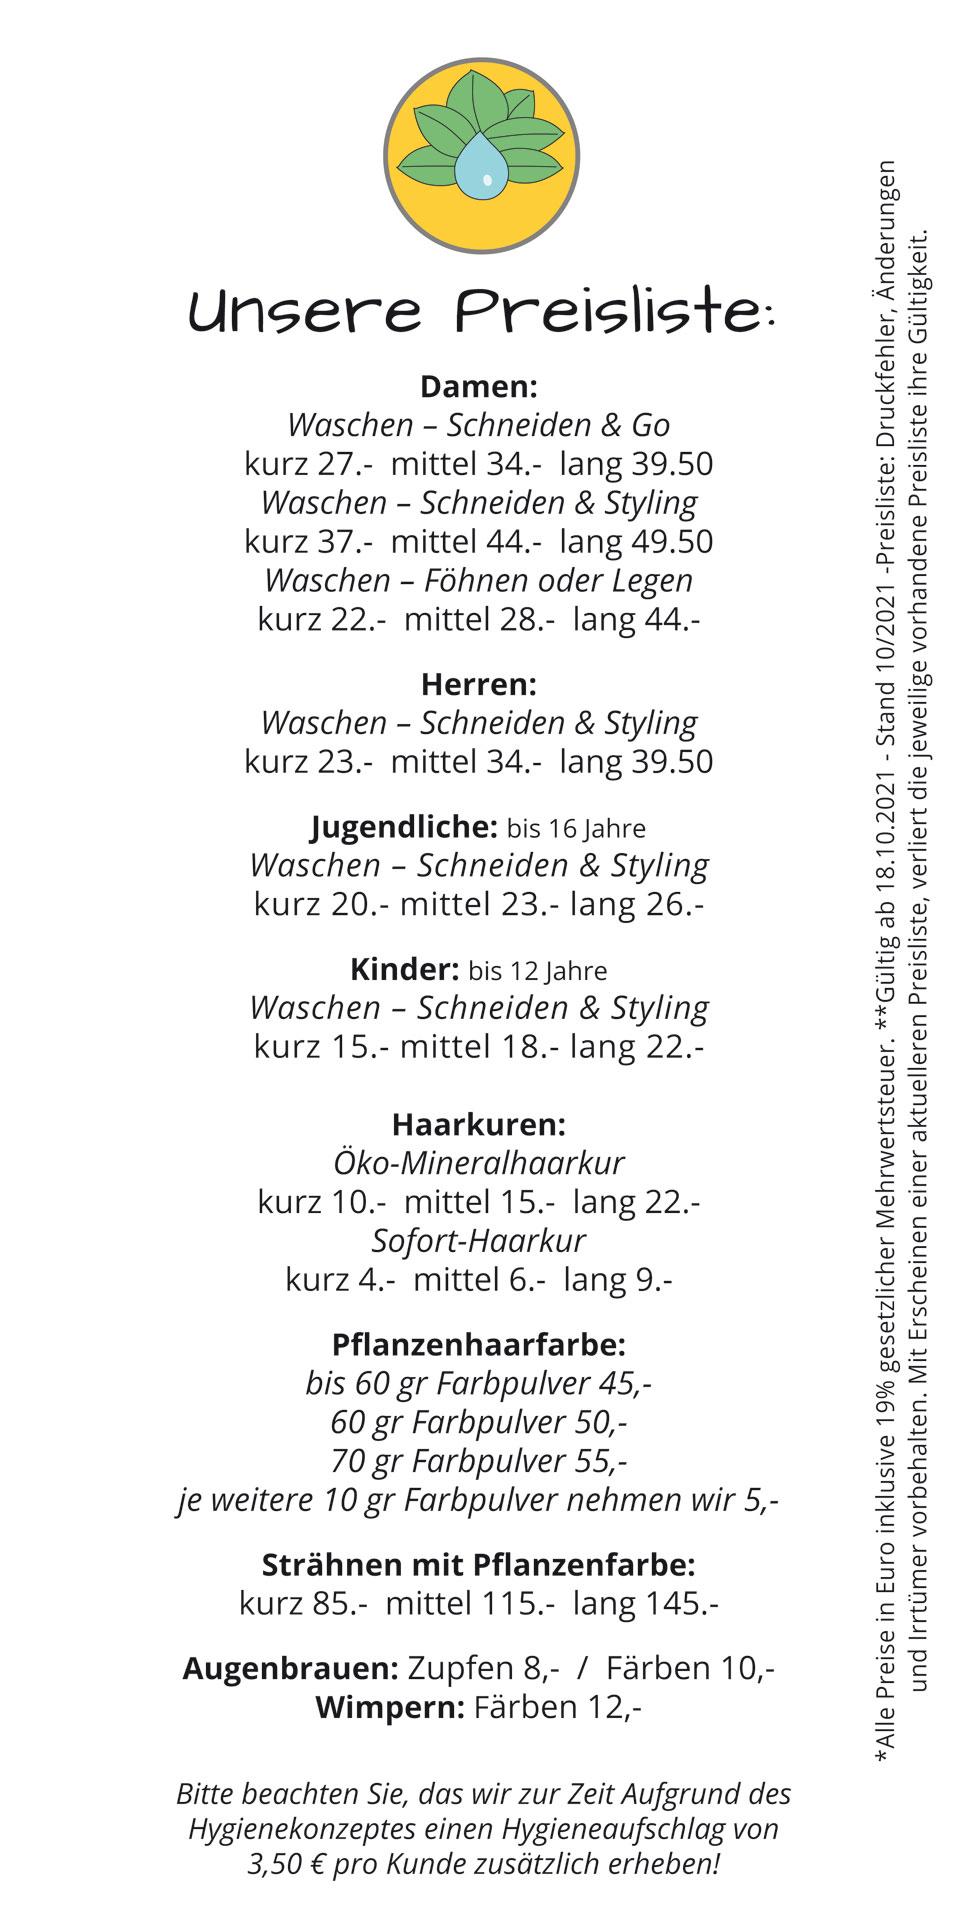 Unsere Preisliste.   *Alle Preise in Euro inklusive 19% gesetzlicher Mehrwertsteuer. **Gültig ab 18.10.2021 - Stand 10/2021 -Preisliste: Druckfehler, Änderungen und Irrtümer vorbehalten. Mit Erscheinen einer aktuelleren Preisliste, verliert die jeweilige vorhandene Preisliste ihre Gültigkeit.